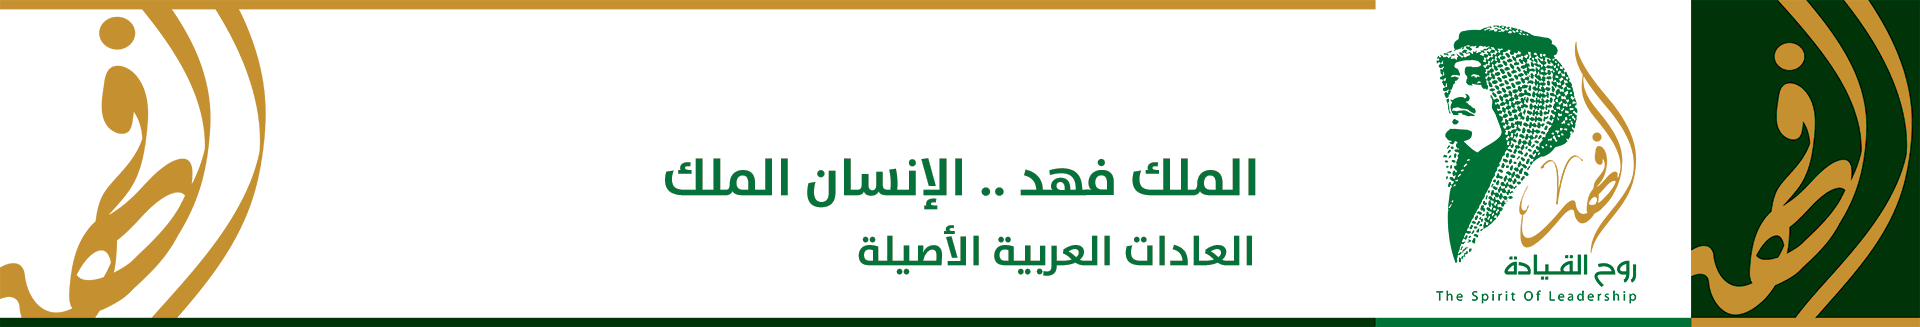 العادات العربية الأصيلة